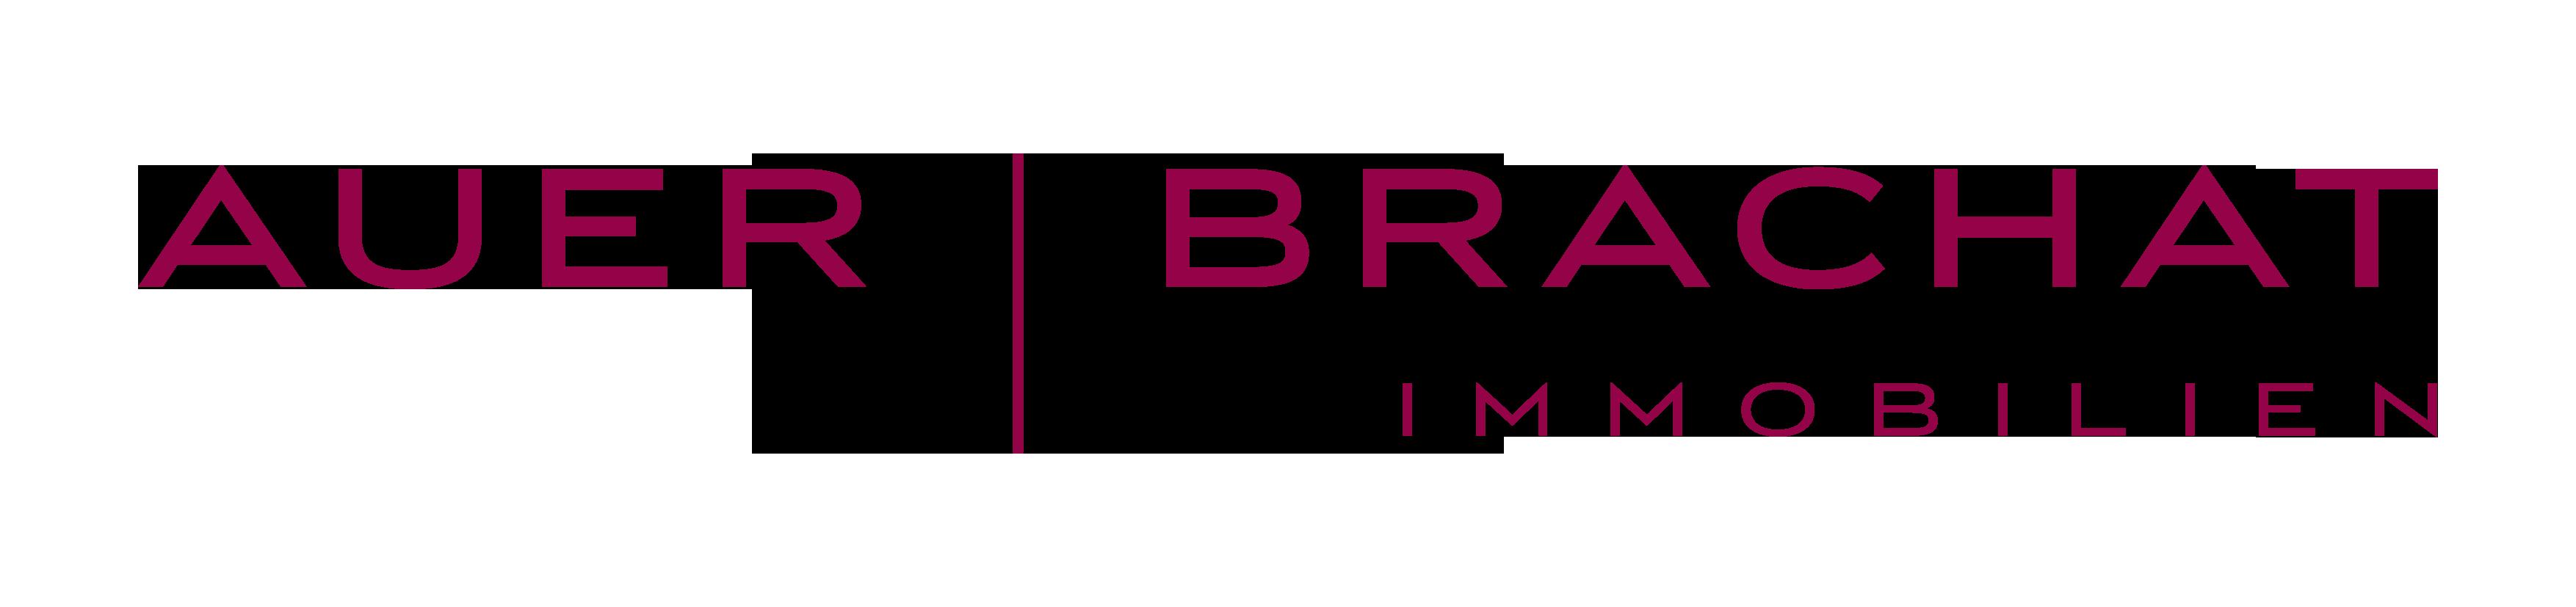 Auer & Brachat Immobilien Kauf-Verkauf, Immobilienmakler, Region Konstanz Höri Radolfzell Singen Tuttlingen